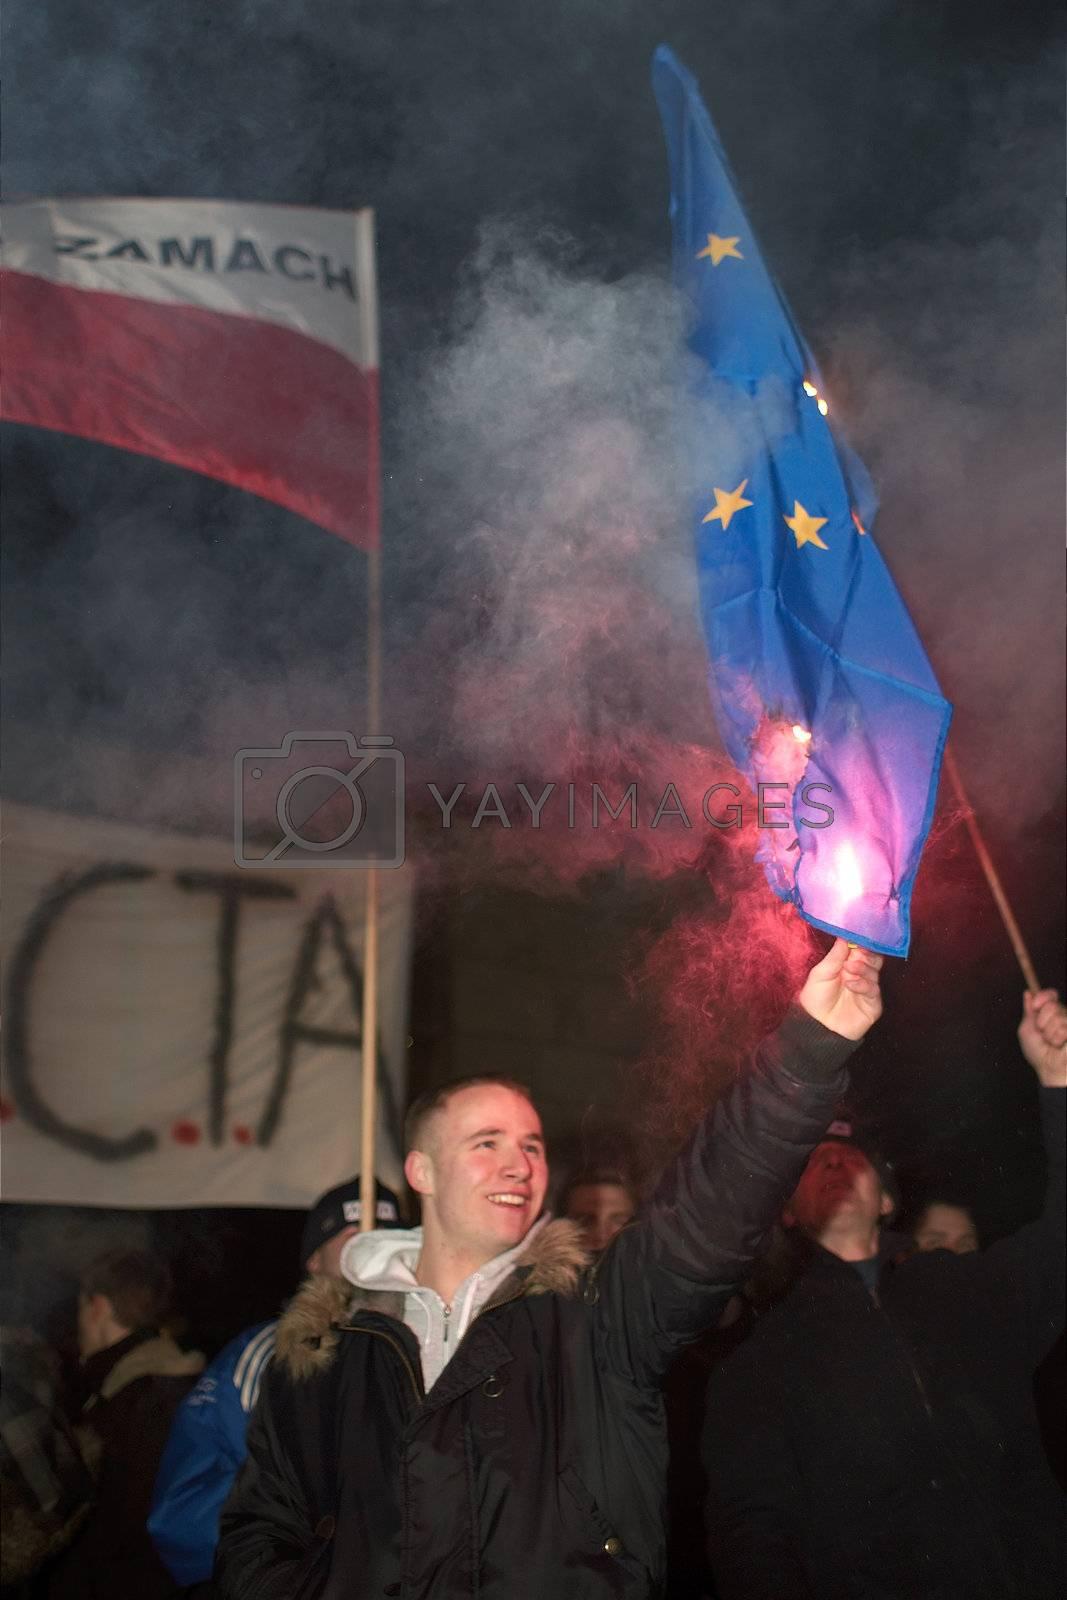 2012.01.25 Gorzow Wielkopolski. Anti ACTA ( Anti-Counterfeiting Trade Agreement ) manifestation. 2012.01.25 Gorzow Wielkopolski. Anti ACTA ( Anti-Counterfeiting Trade Agreement ) manifestation. EU Flag Burning.